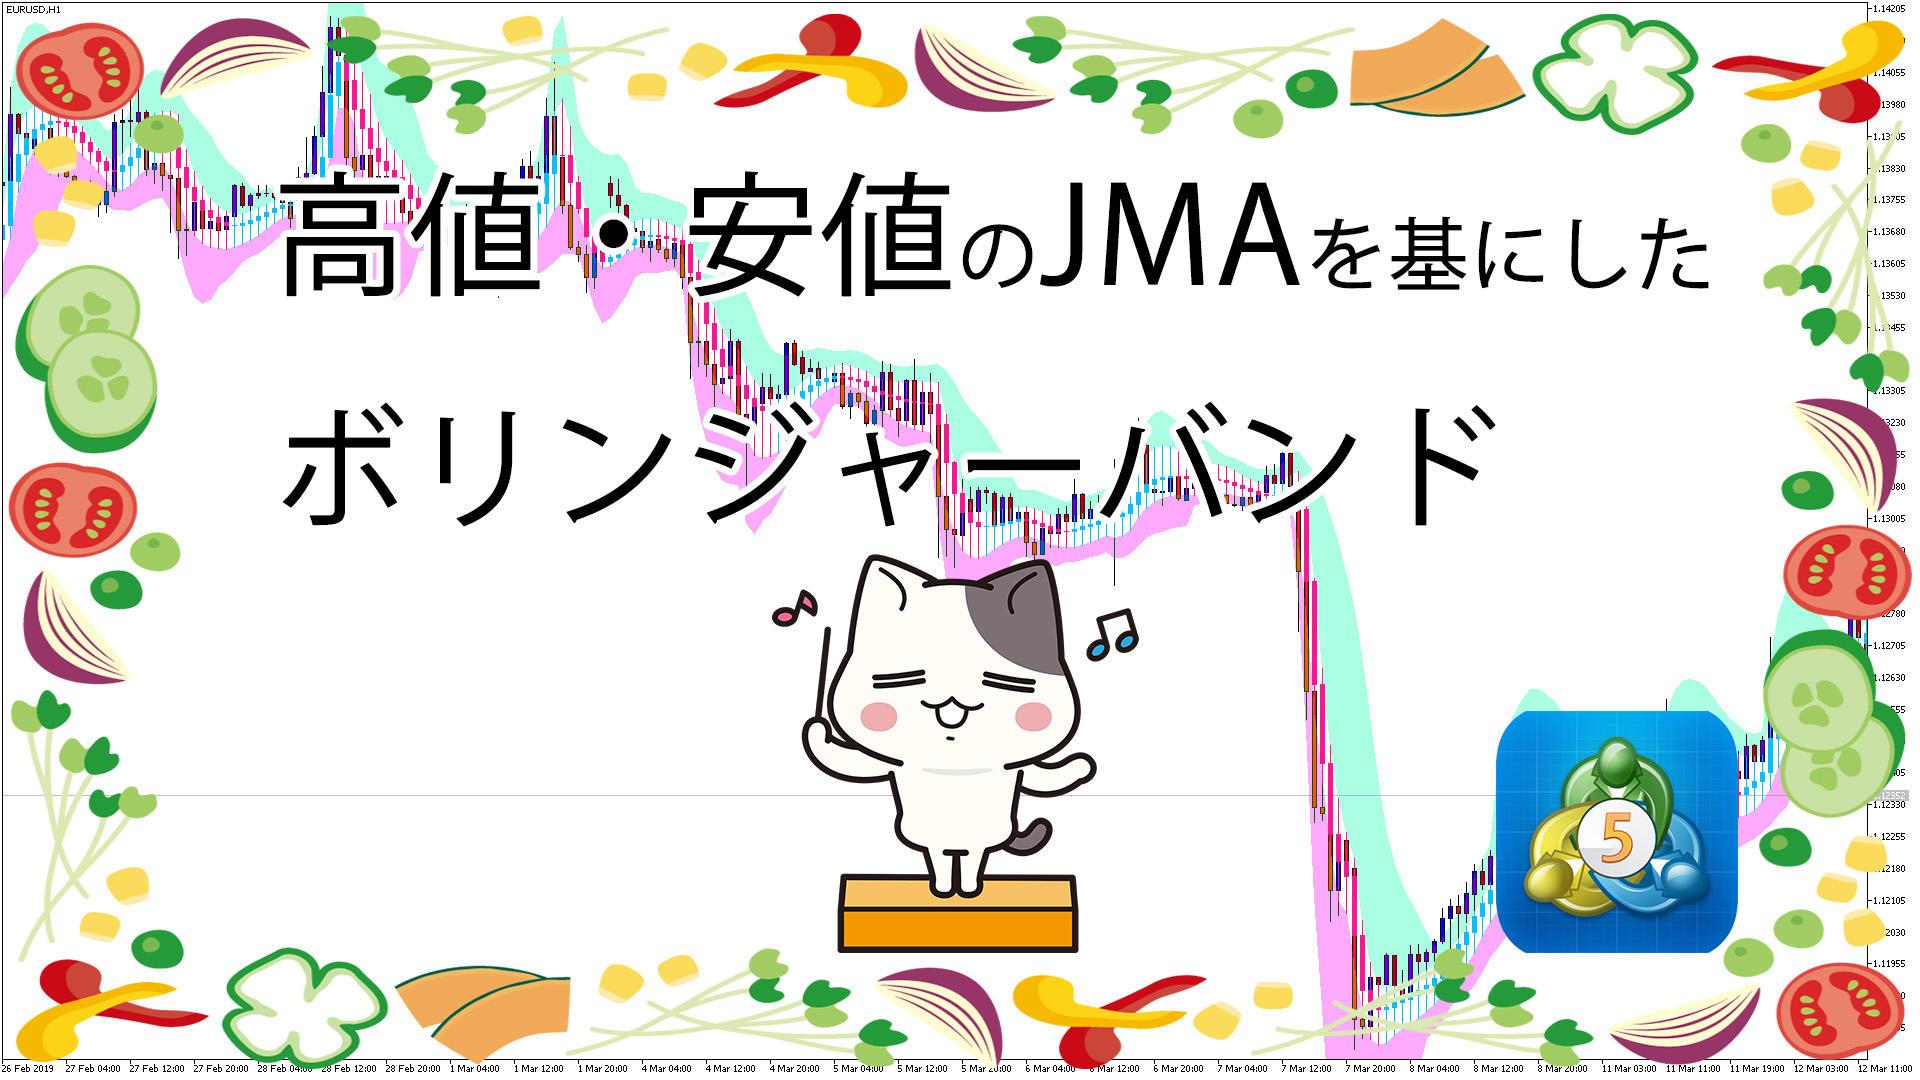 高値・安値のJMAをもとにしたボリンジャーバンドを表示するMT5インジケータ-「JMACandle_Chl」